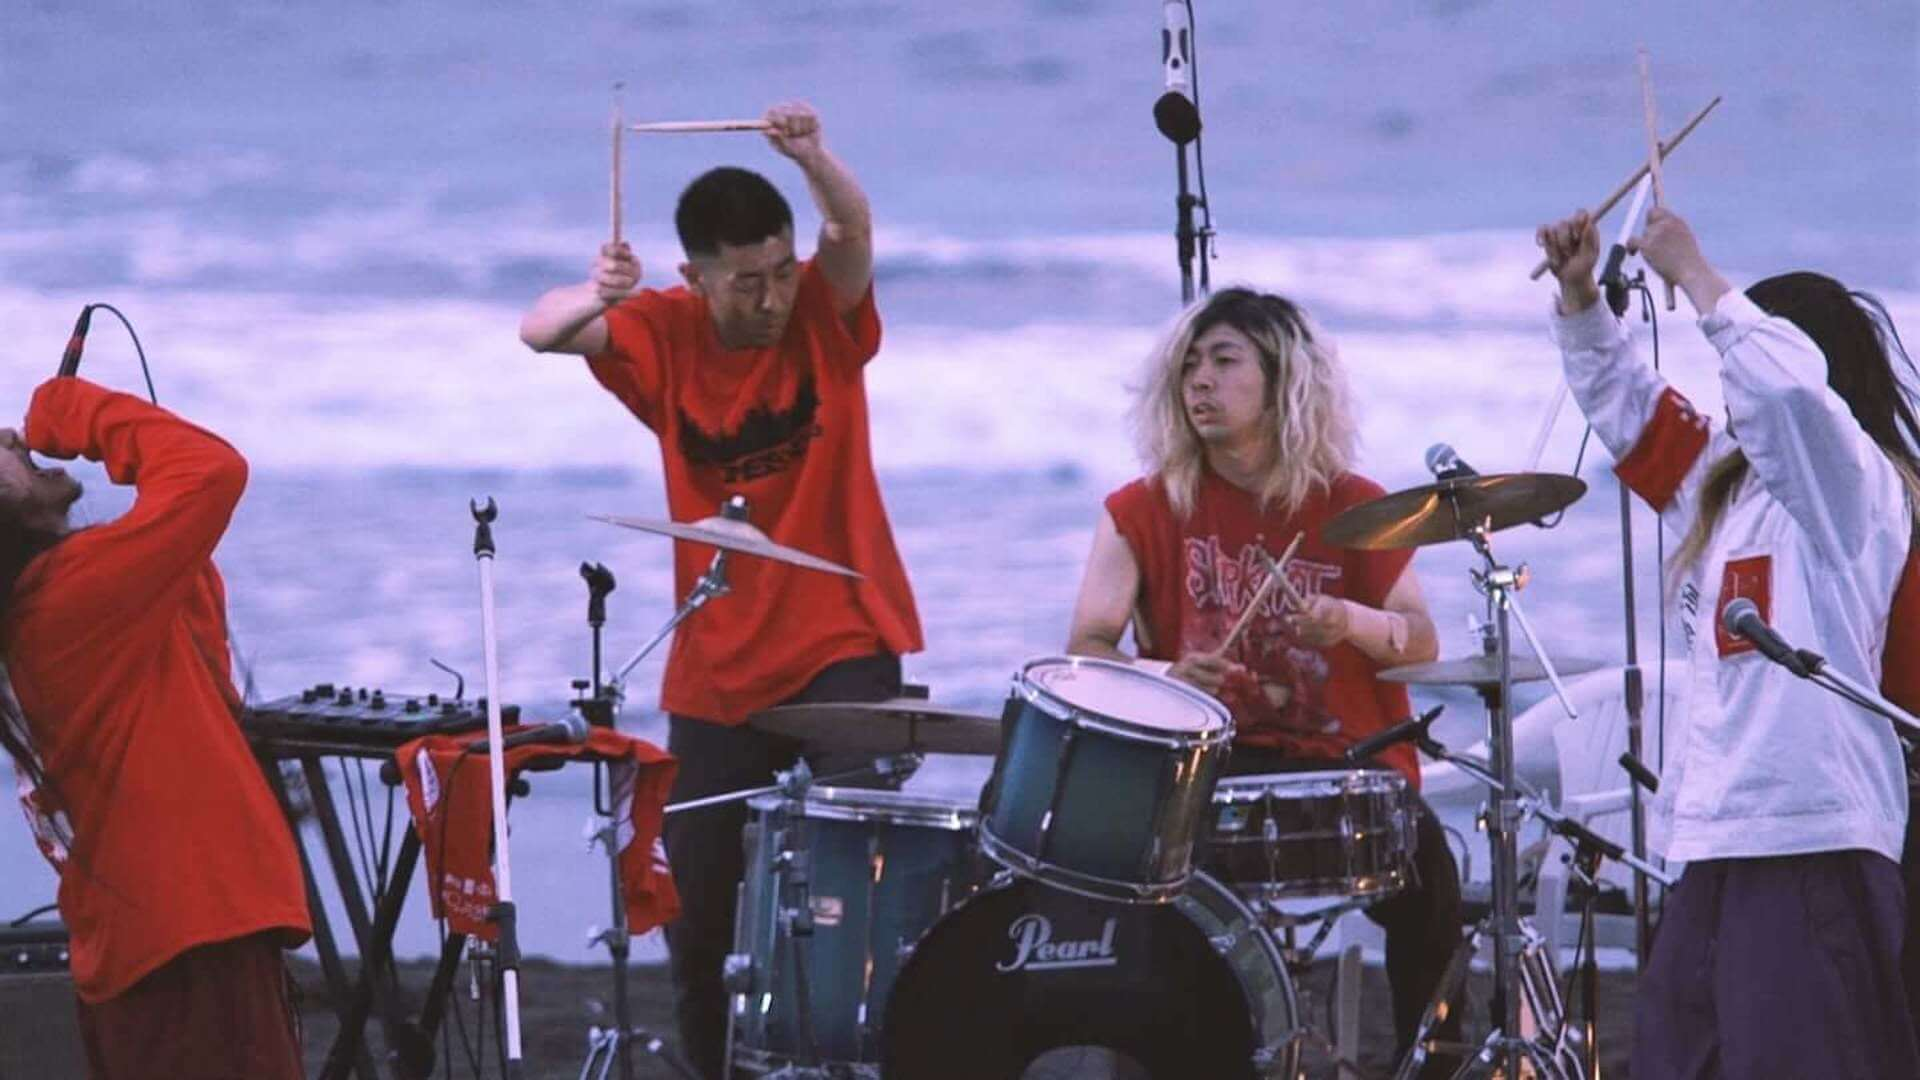 映像作品『Last Language 〜30hours drumming〜』の1日限定上映会がシネマート新宿にて開催決定!GEZANメンバー、神谷亮佑監督も登壇 music200923_lastlanguage_2-1920x1080